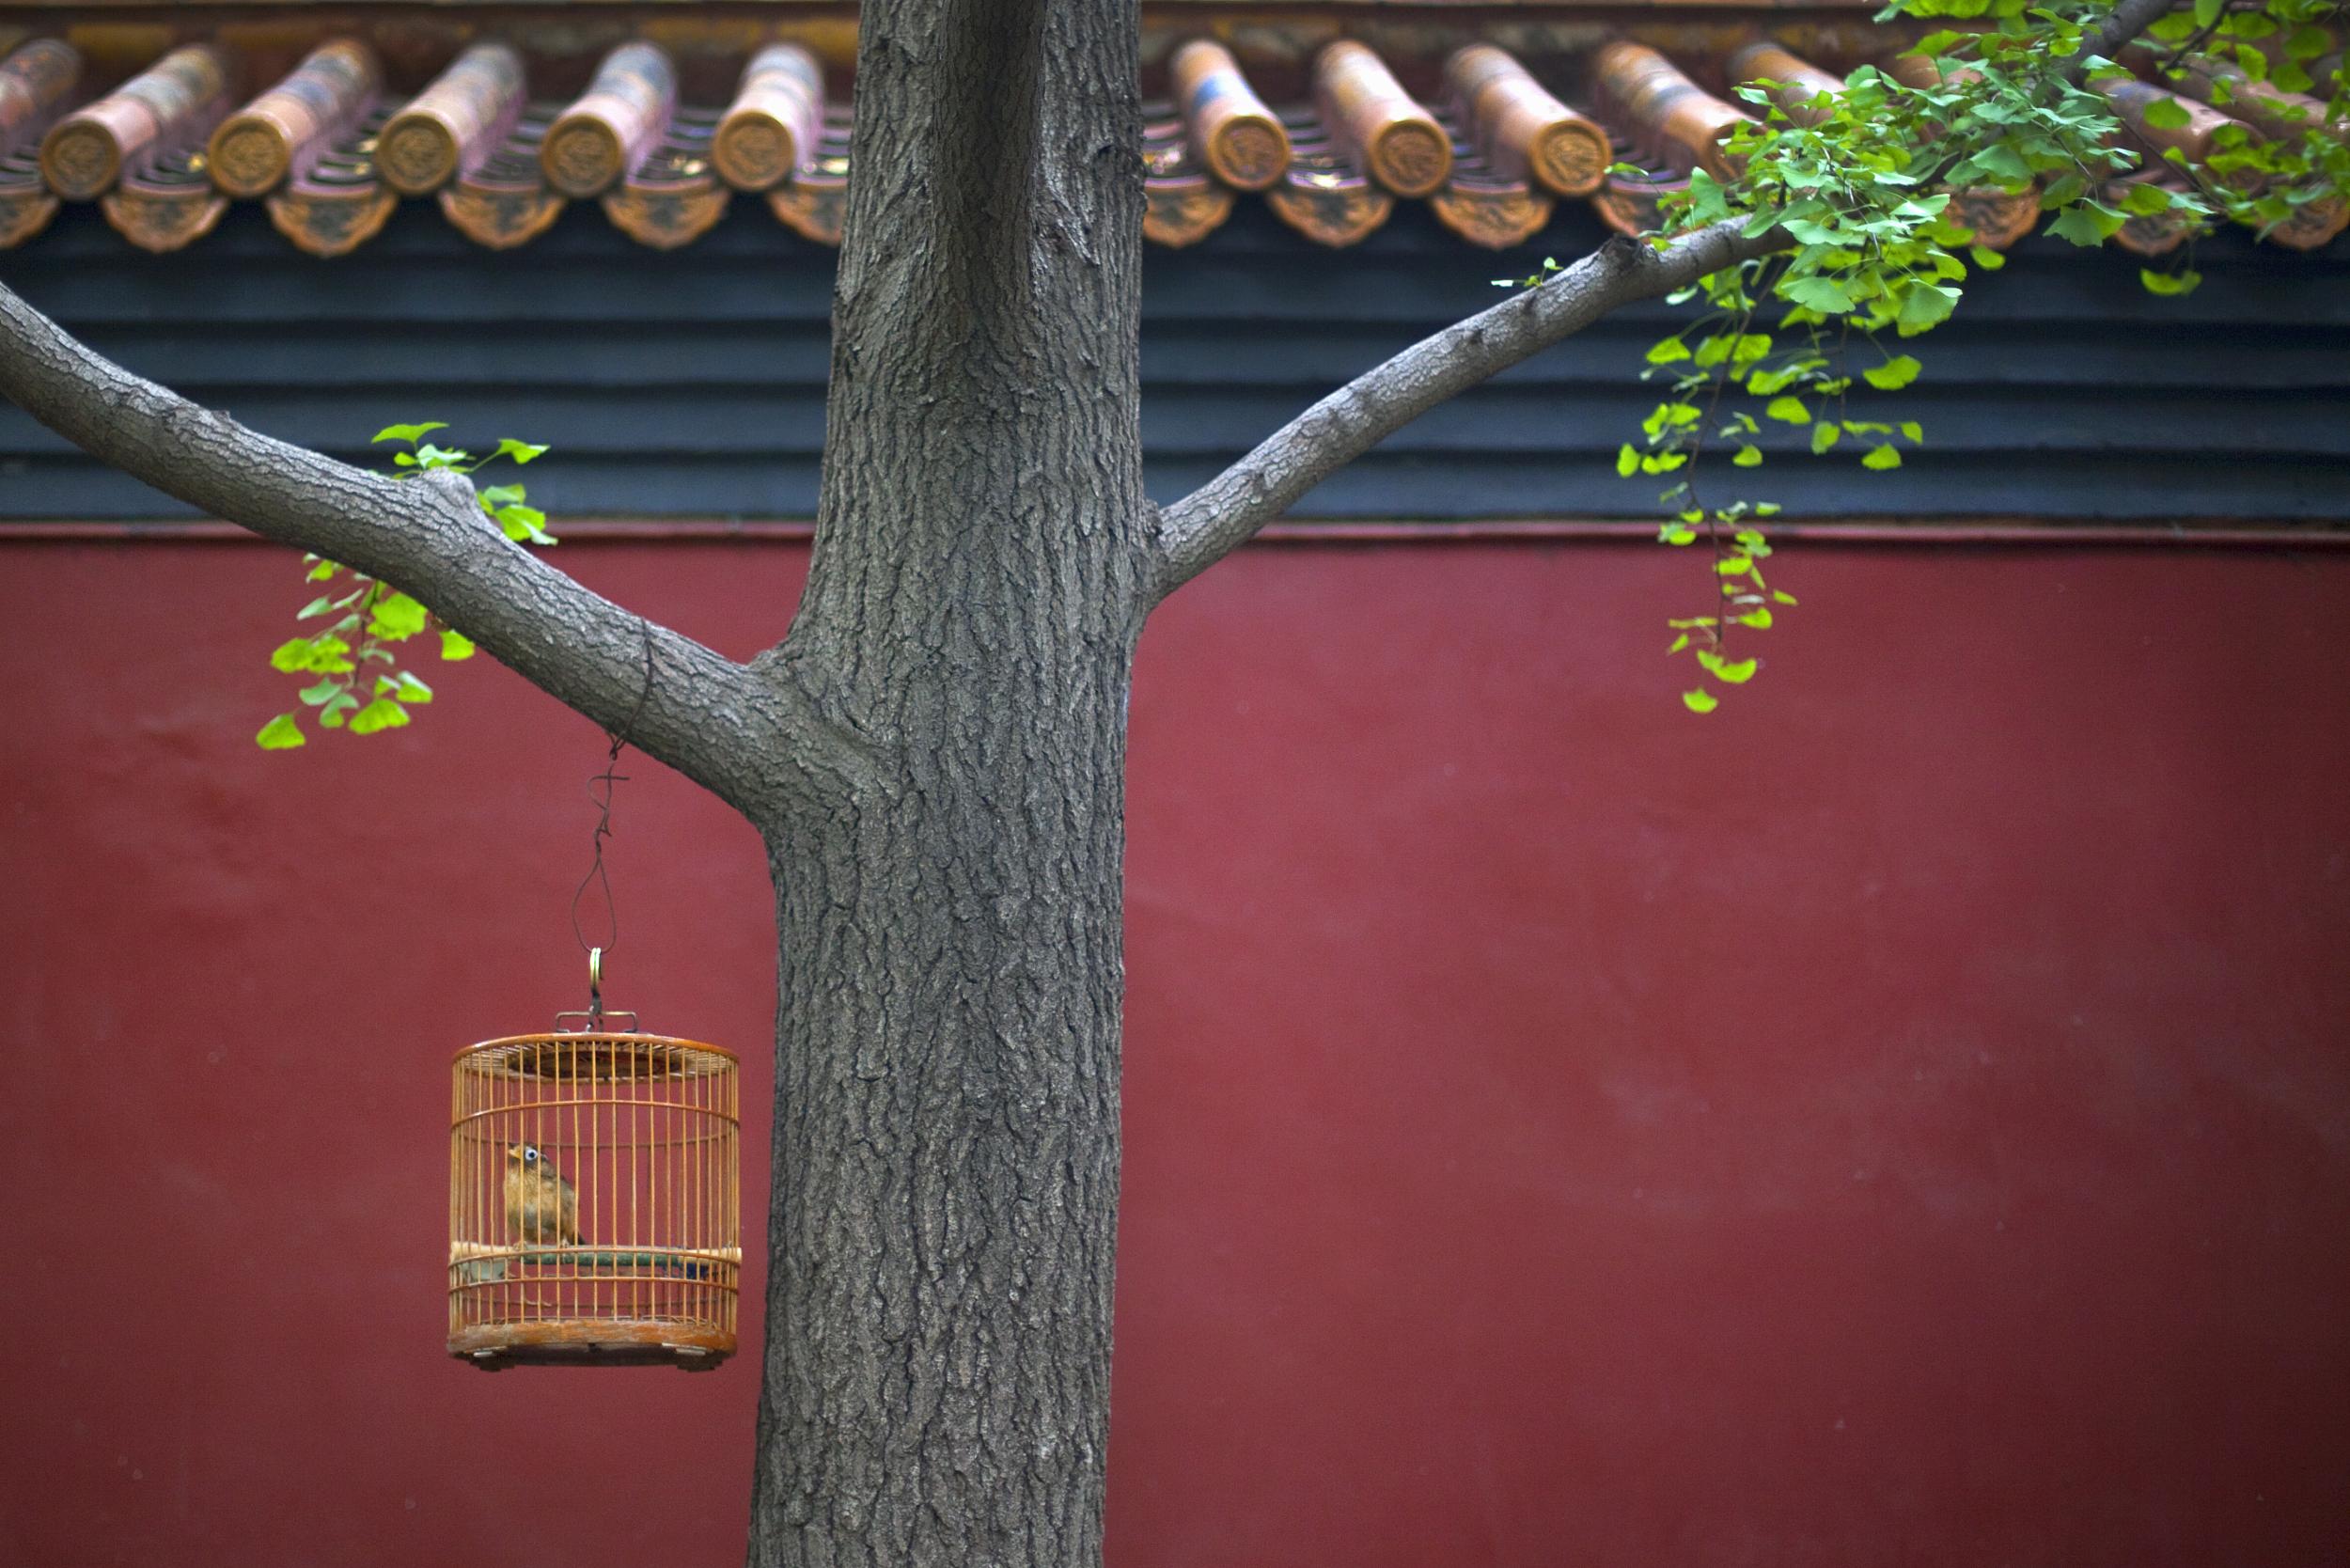 北京巴士5日当地游住品牌快捷连锁酒店,品特色全鸭餐、尝地道京味菜,经典景点全安排,观庄严升旗仪式,赠天安门集体合照